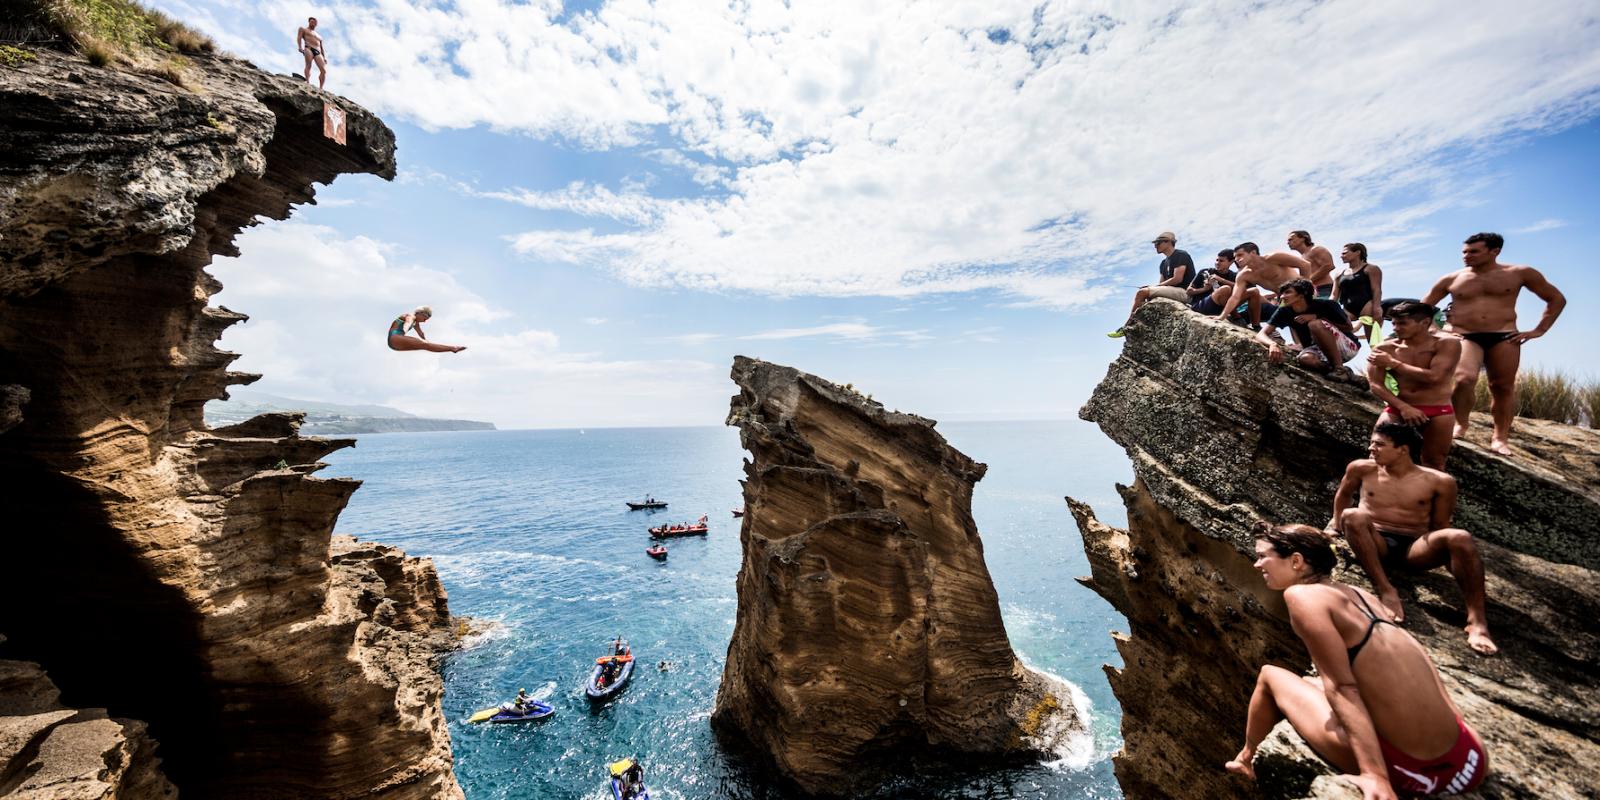 Rachelle simpson cliff diving champion interview 2016 - The cliff dive ...